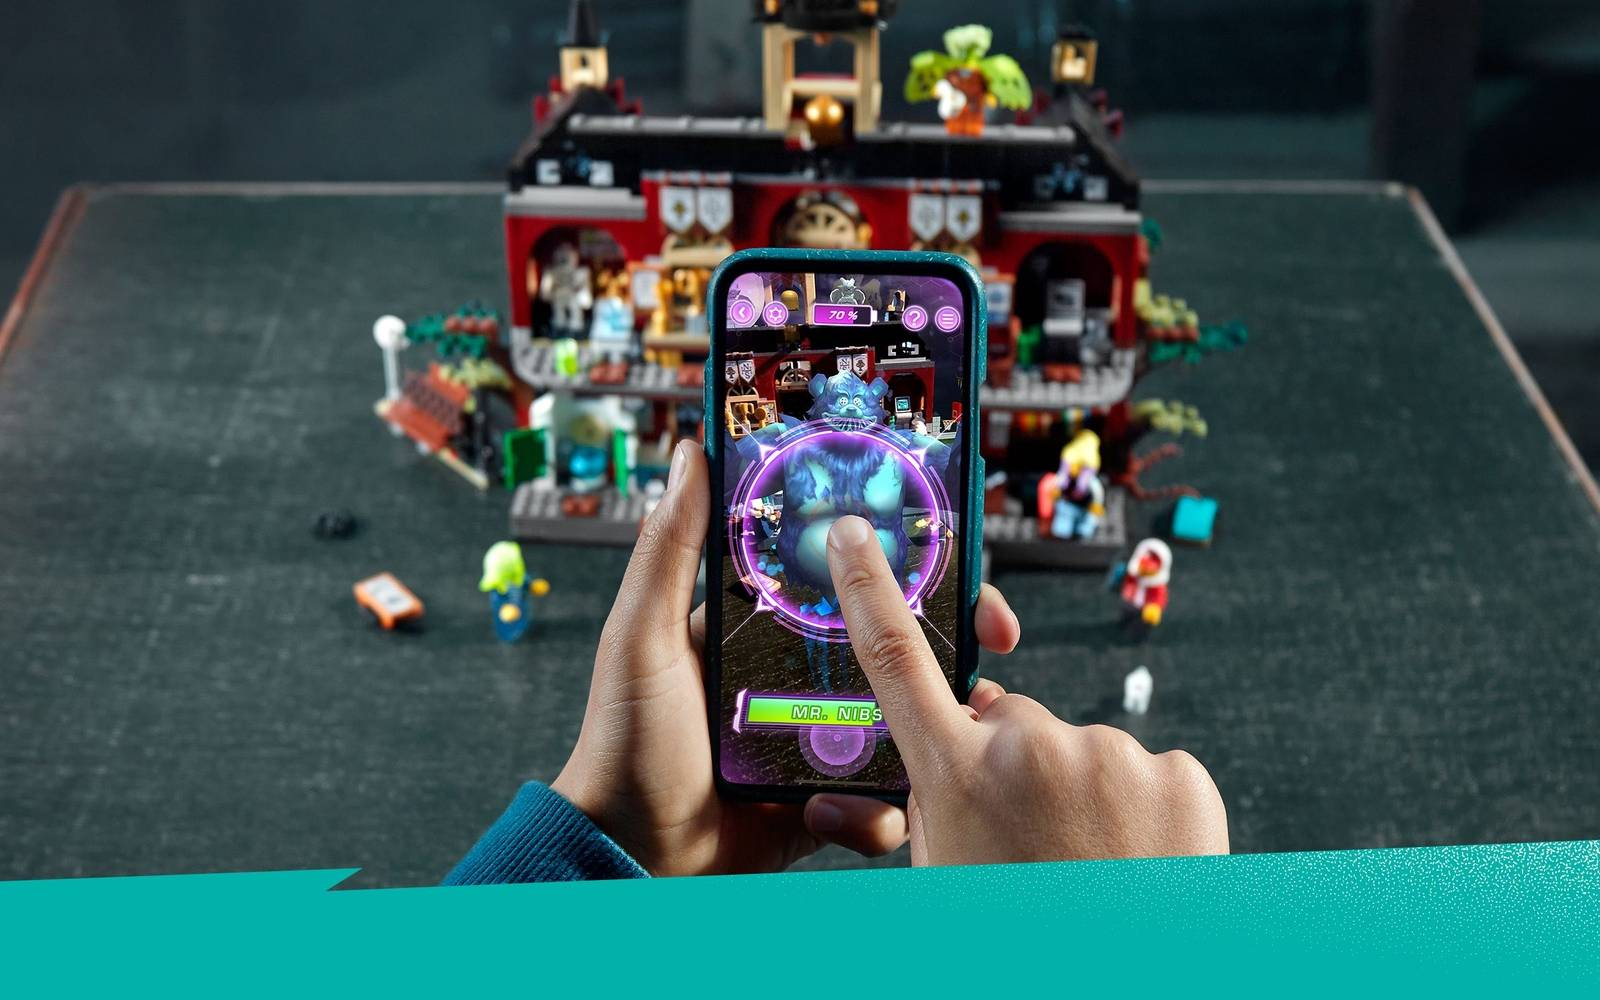 lego ar gaming